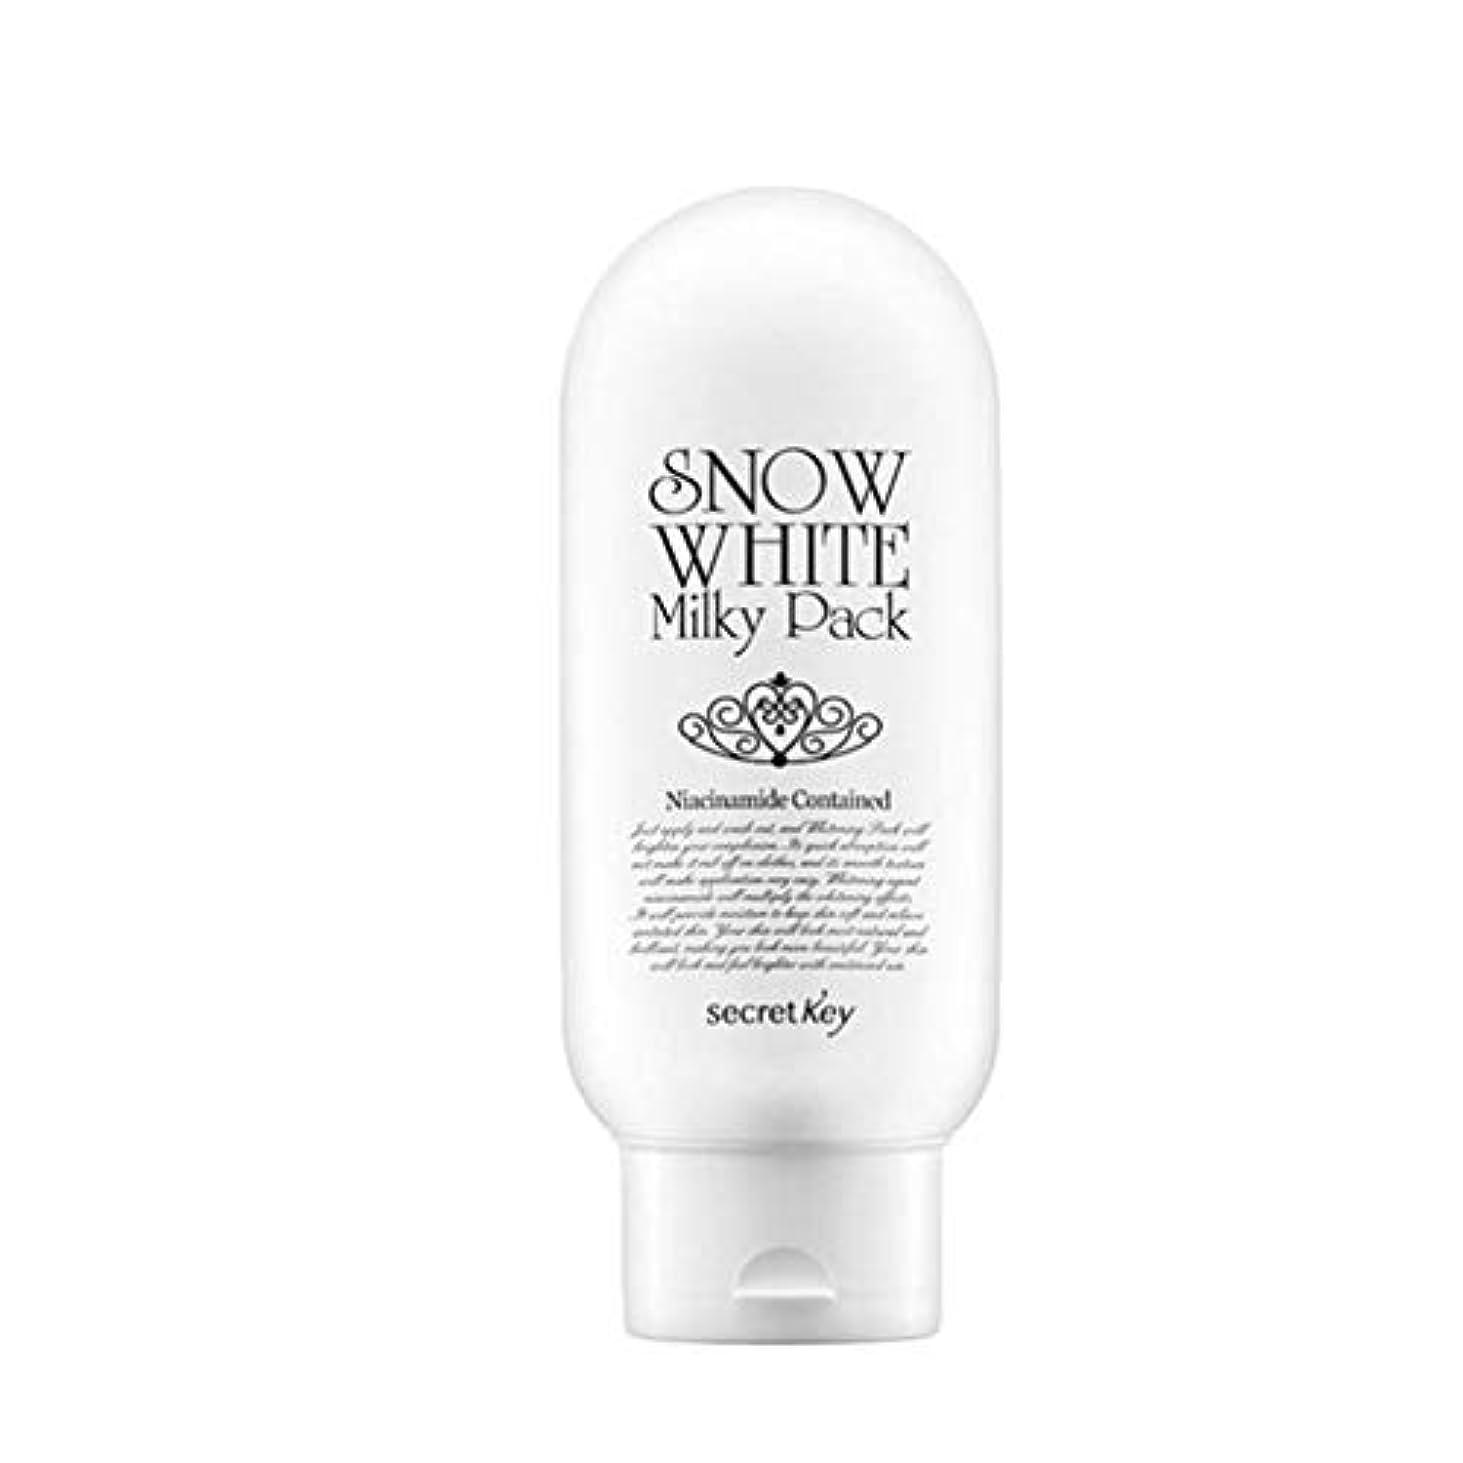 発見タフ異常なシークレットキースノーホワイトミルキーパック200g韓国コスメ、Secret Key Snow White Milky Pack 200g Korean Cosmetics [並行輸入品]